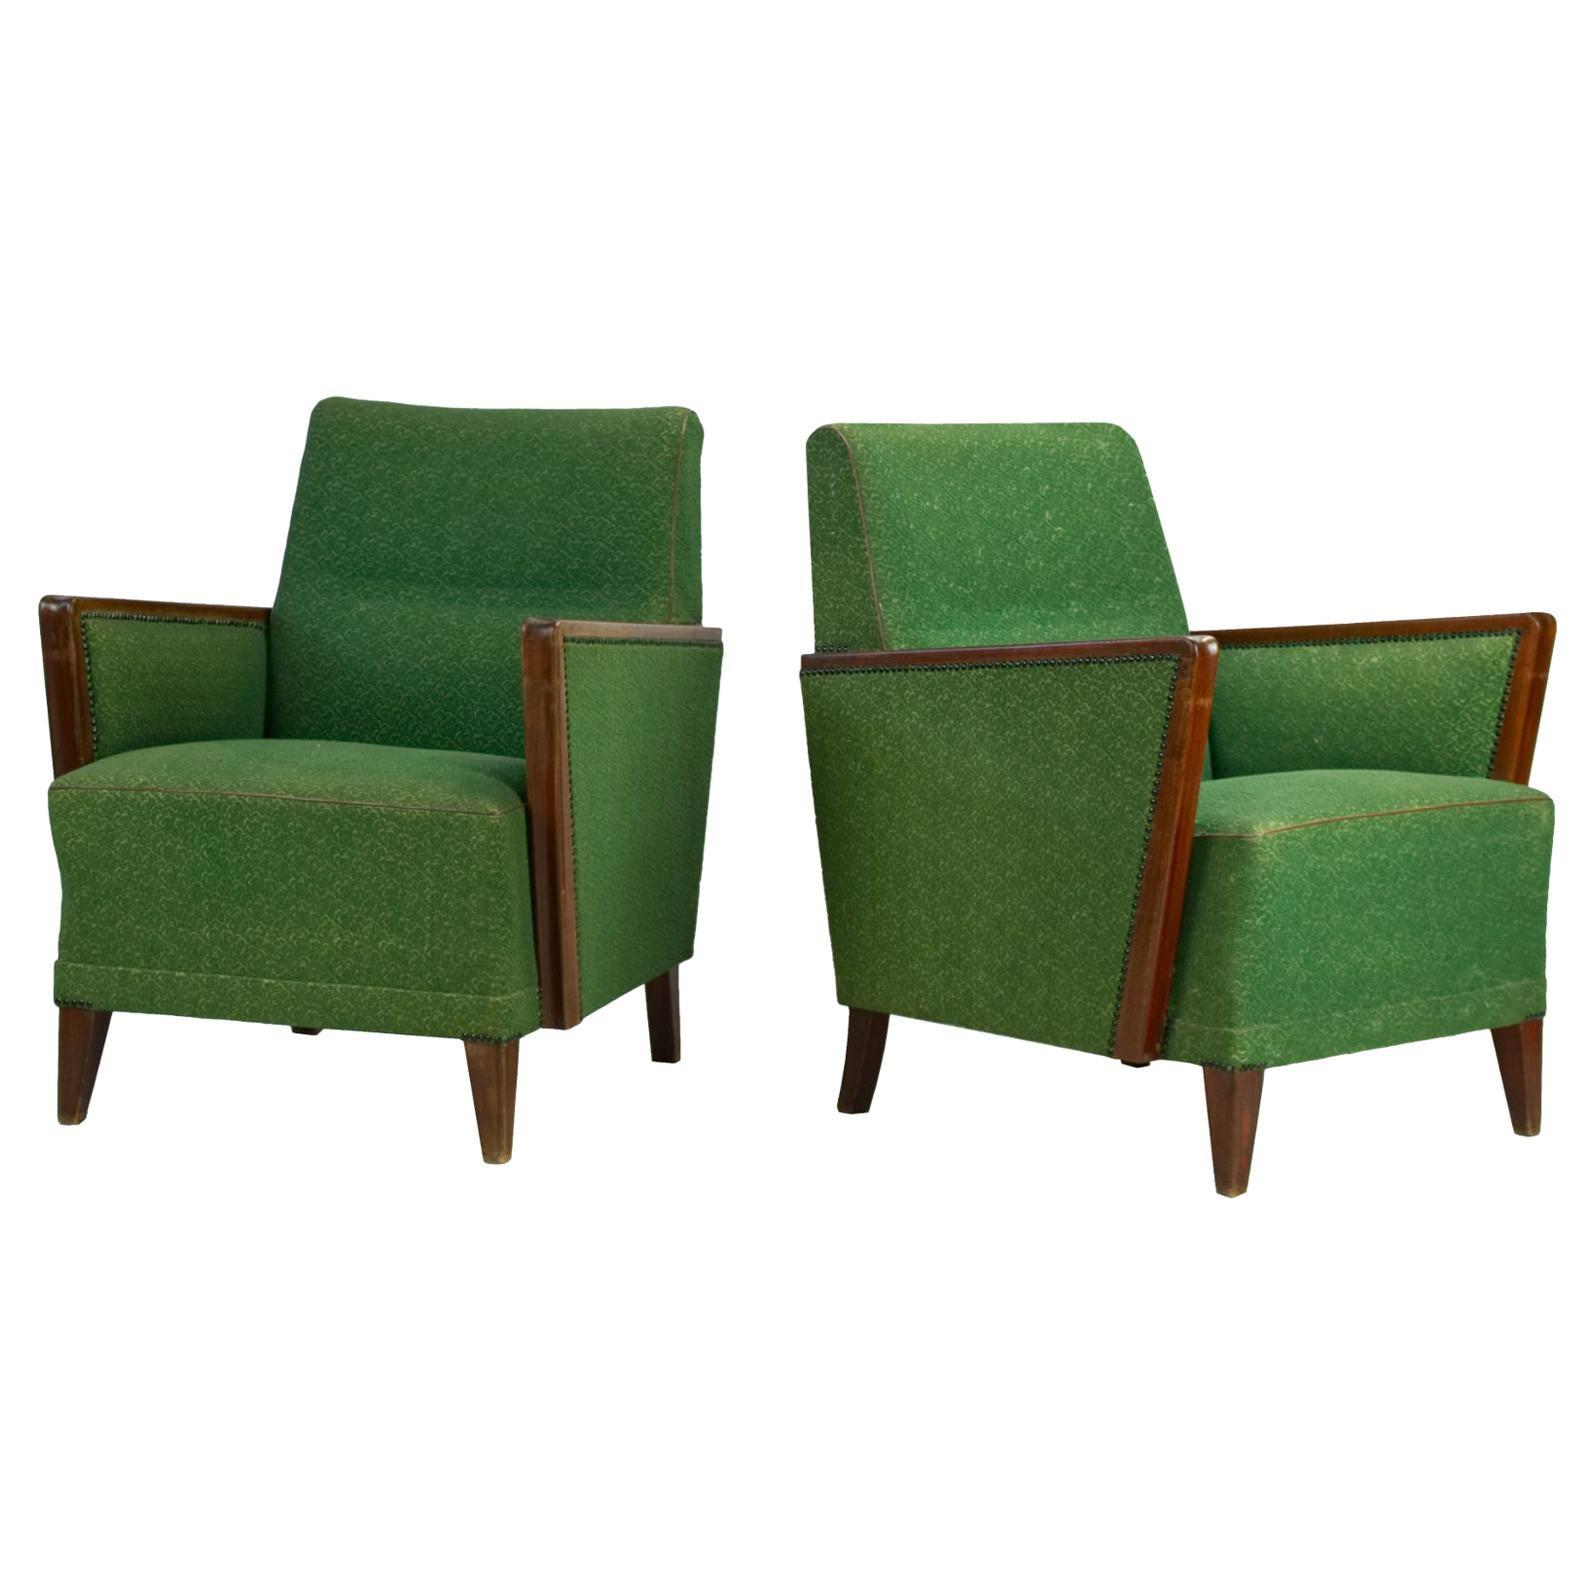 Pair of Art Deco Armchairs in Original Condition, circa 1930